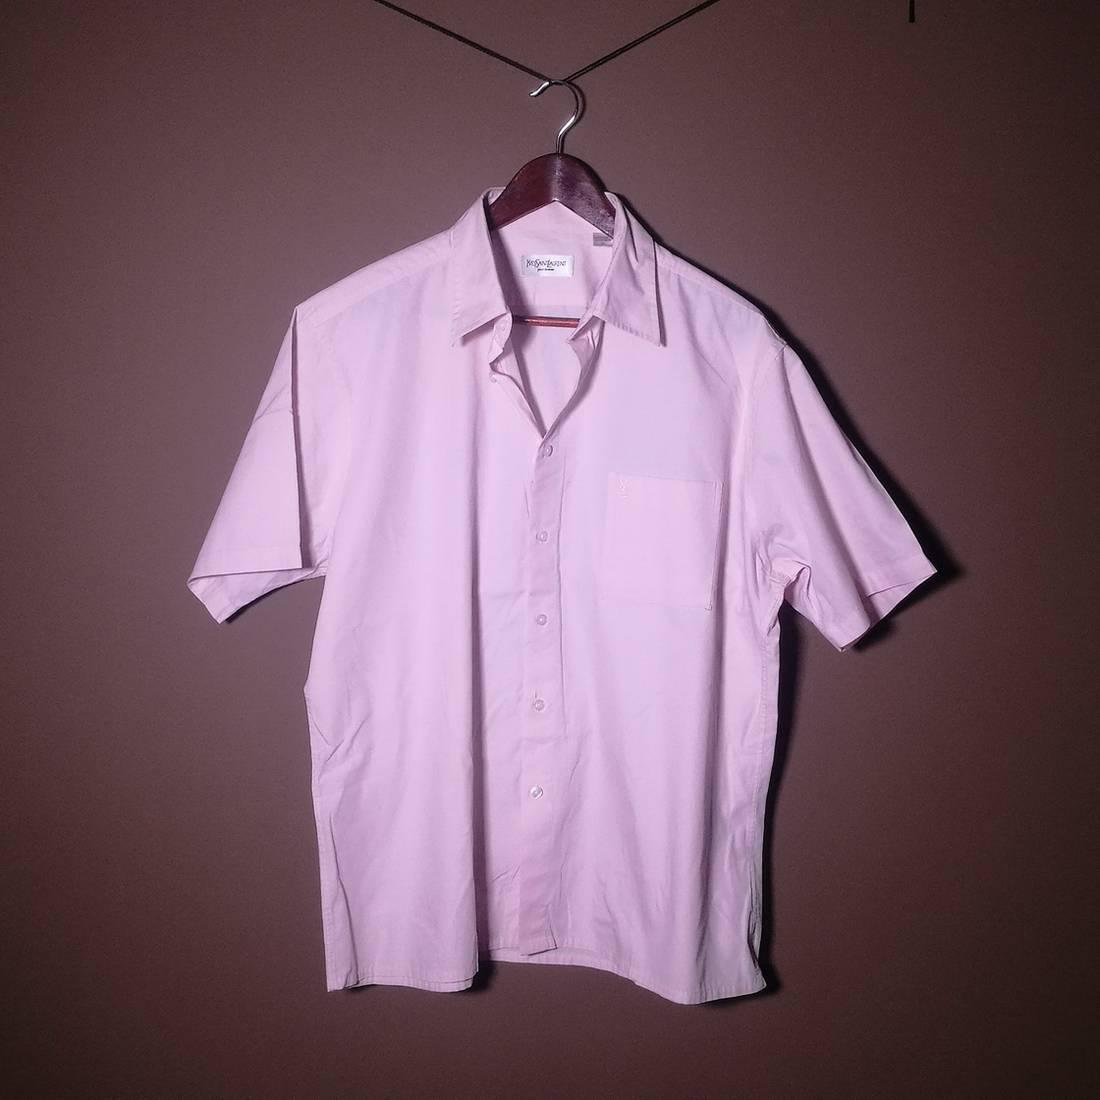 Saint Laurent Paris Ysl Yves Saint Laurent Baby Pink Casual Shirt